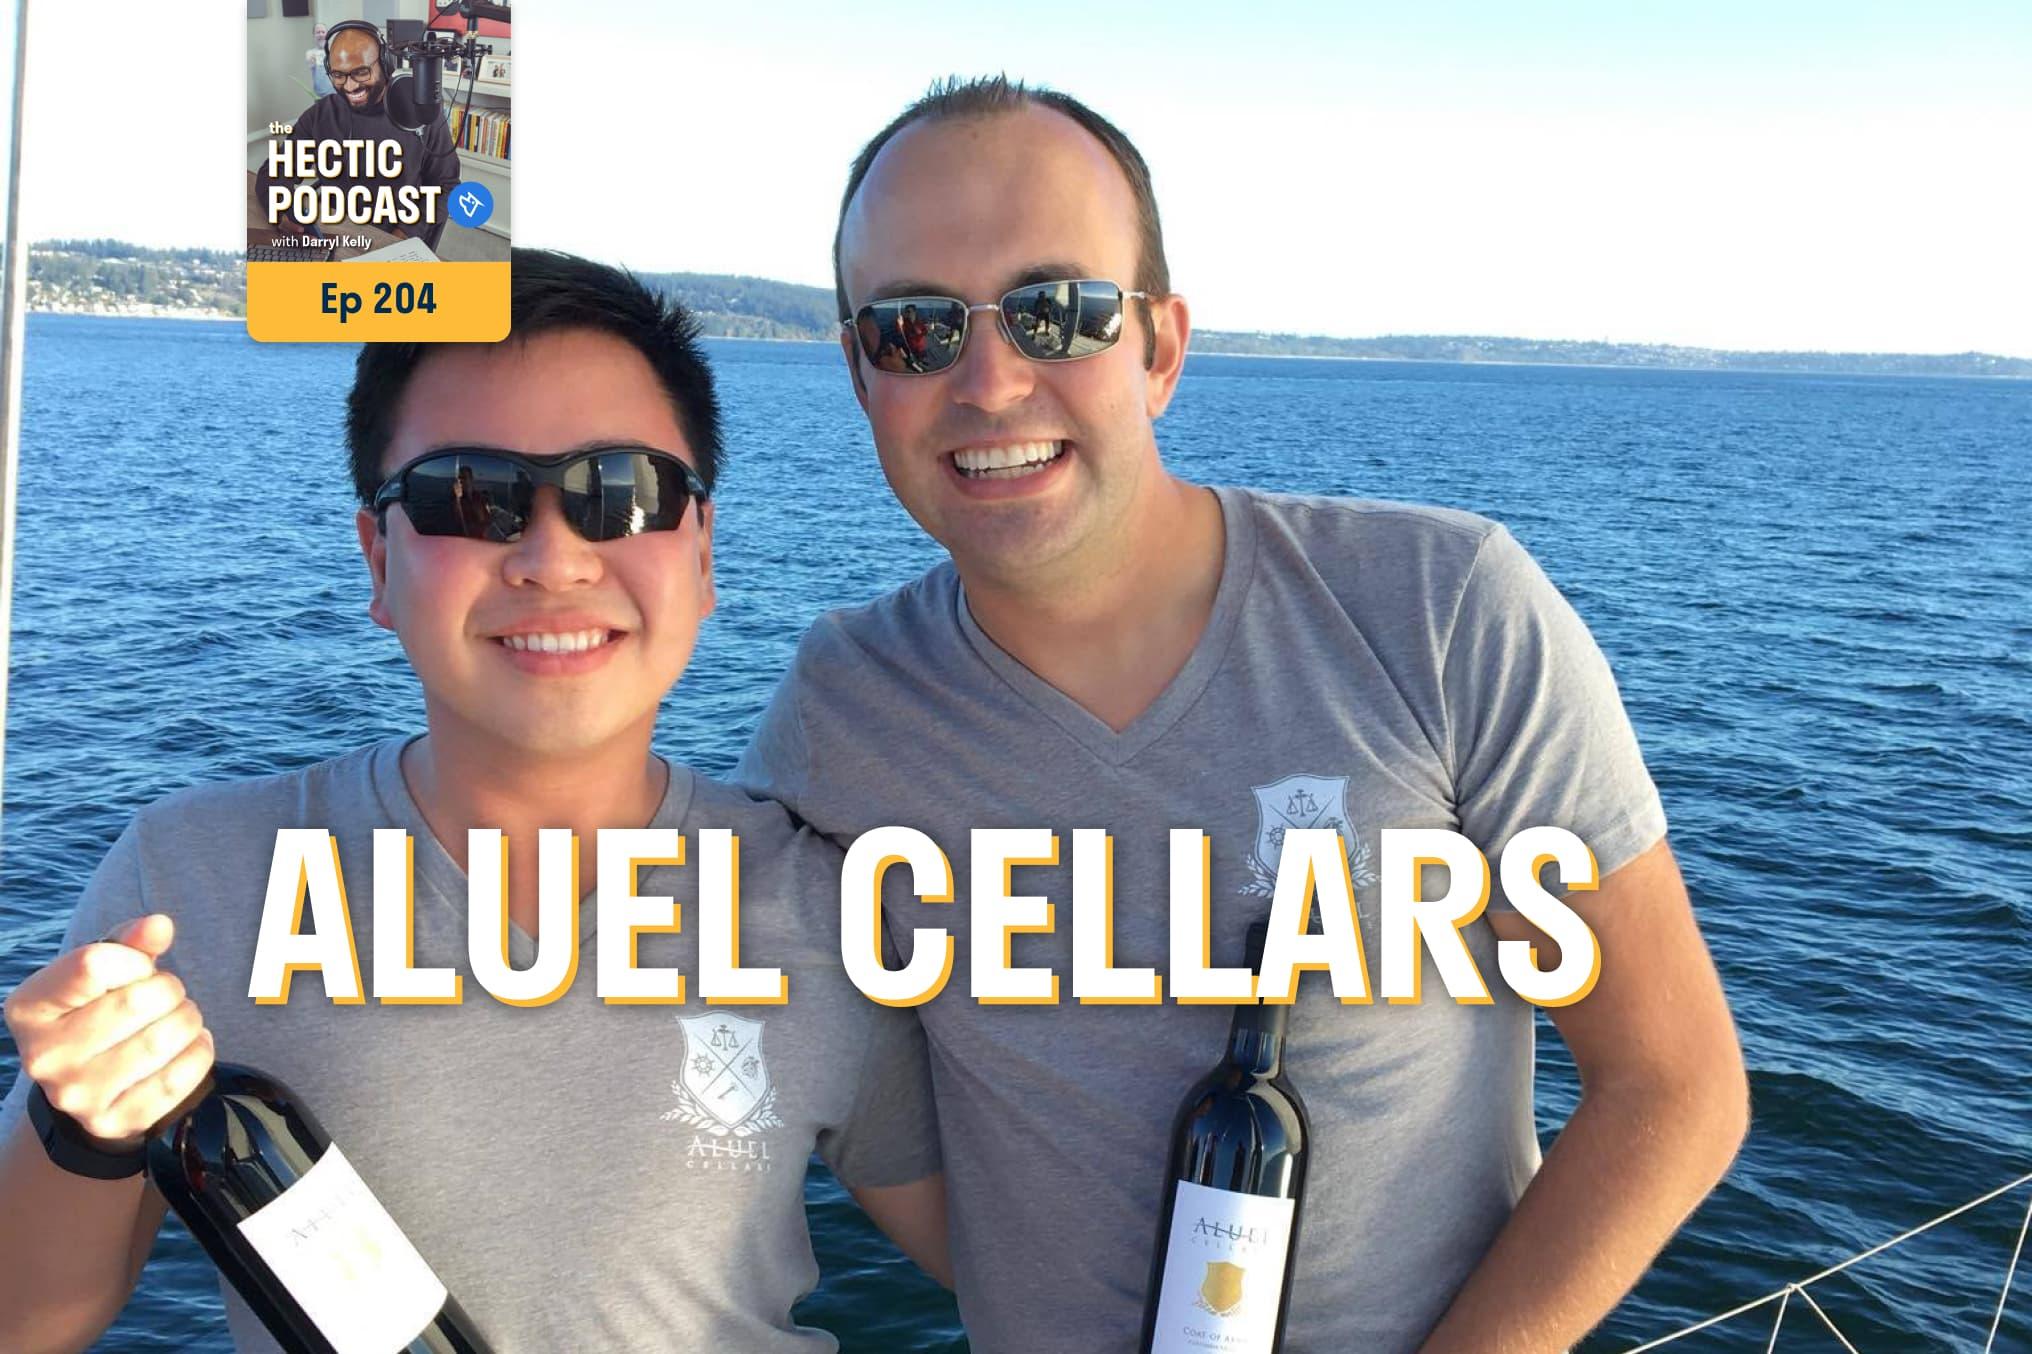 Aluel Cellars